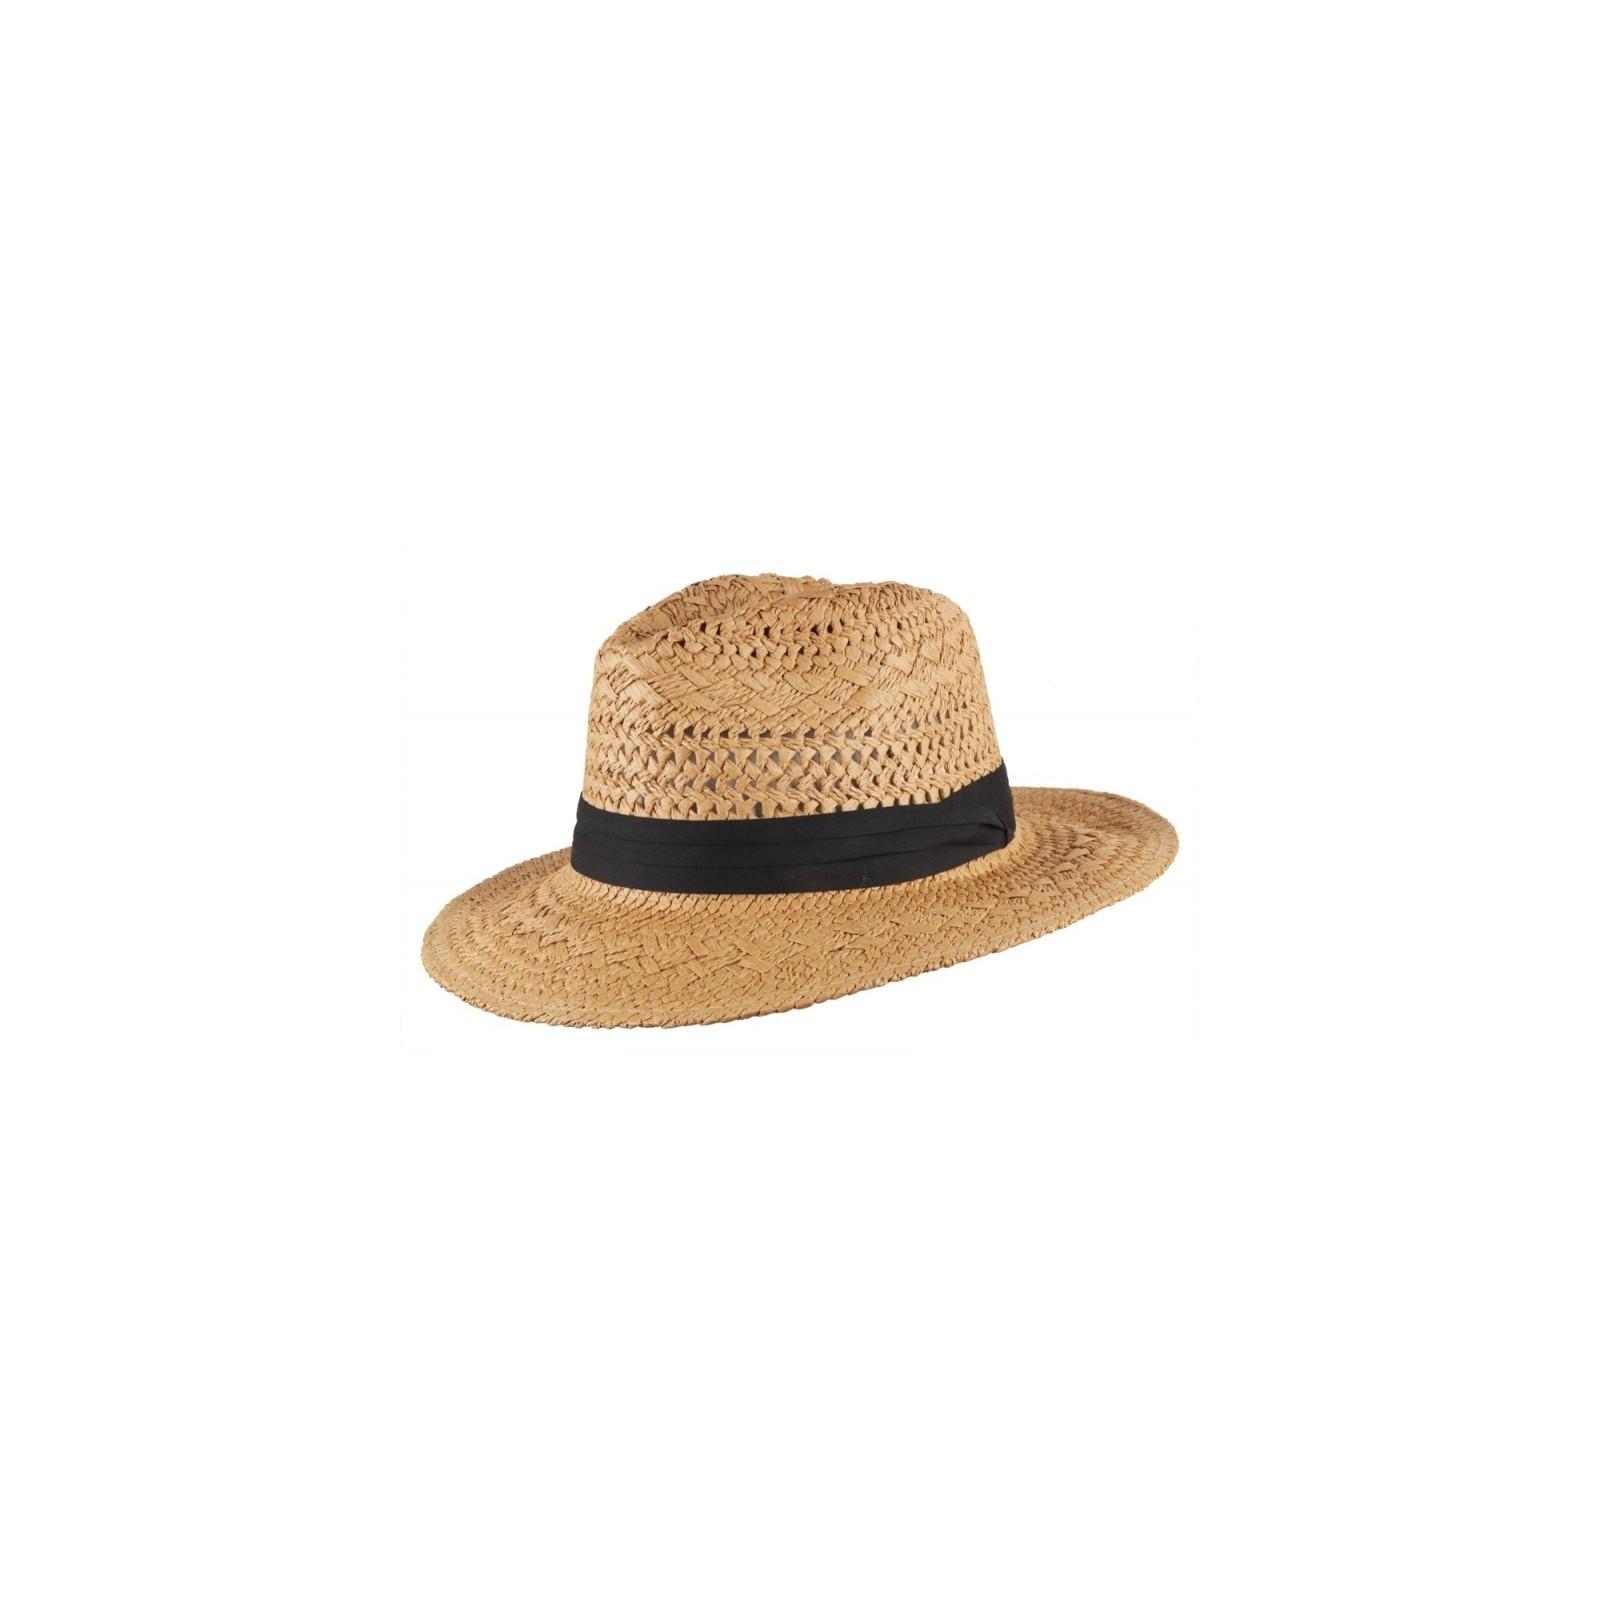 Scippis Manado hat